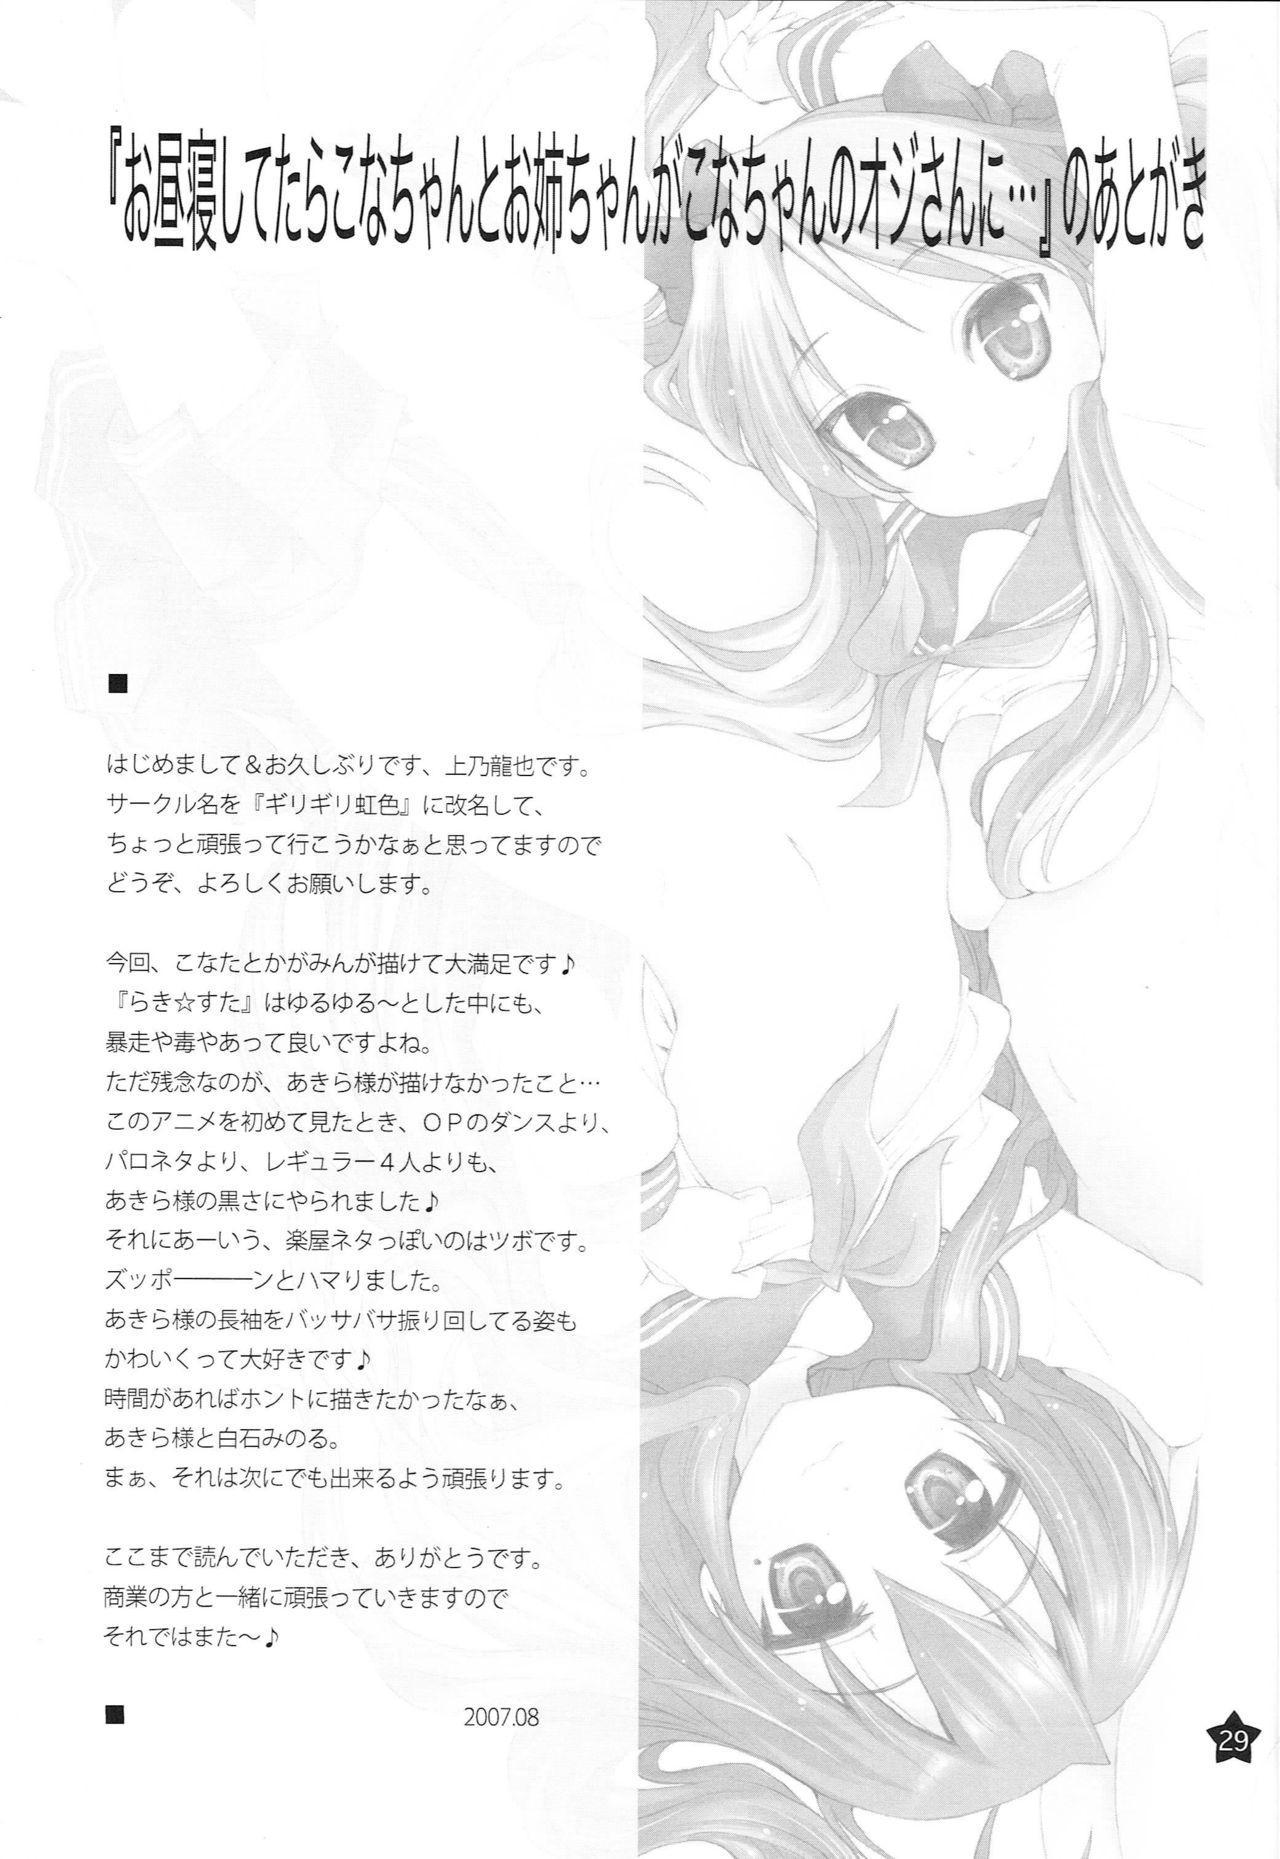 [Girigiri Nijiiro (Kamino Ryu-ya)] Ohirune Shitetara Kona-chan to Onee-chan ga Kona-chan no Oji-san ni... (Lucky Star) [2009-06-09] 27